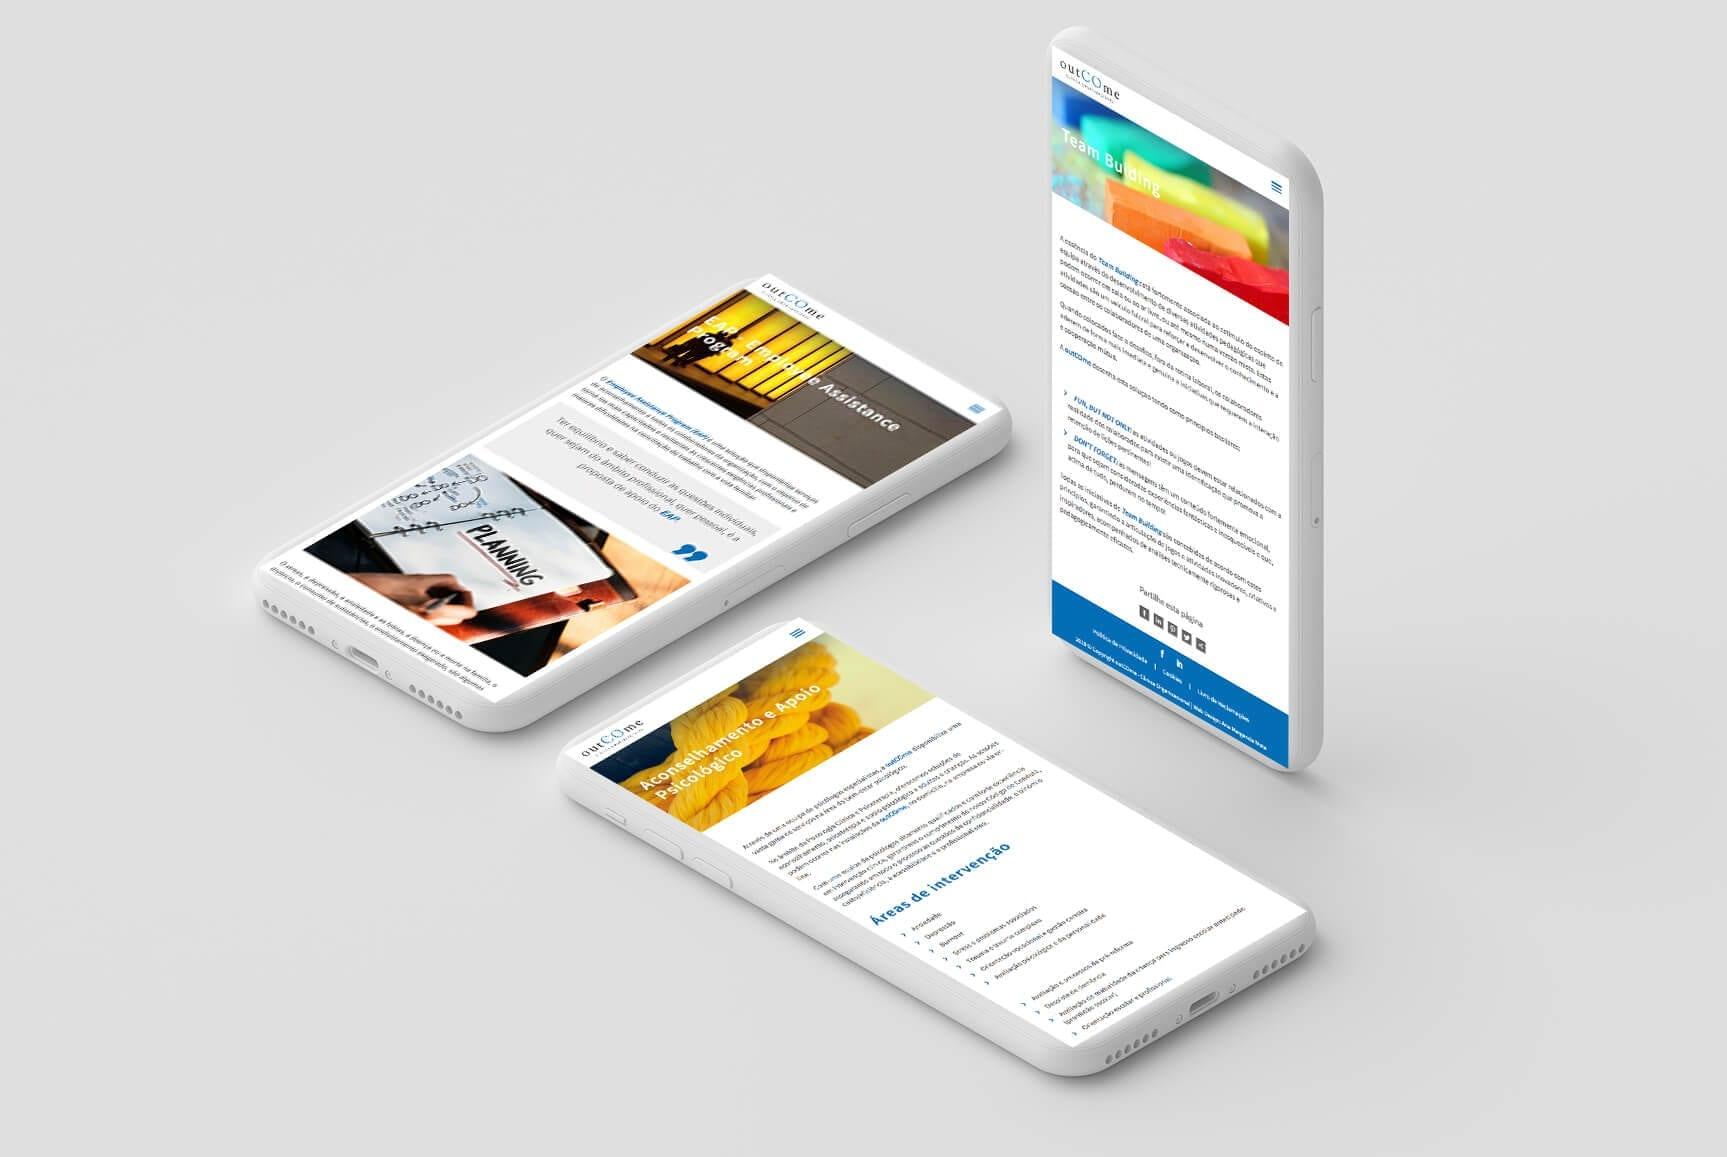 Dispositivos móveis representativos do site outCOme